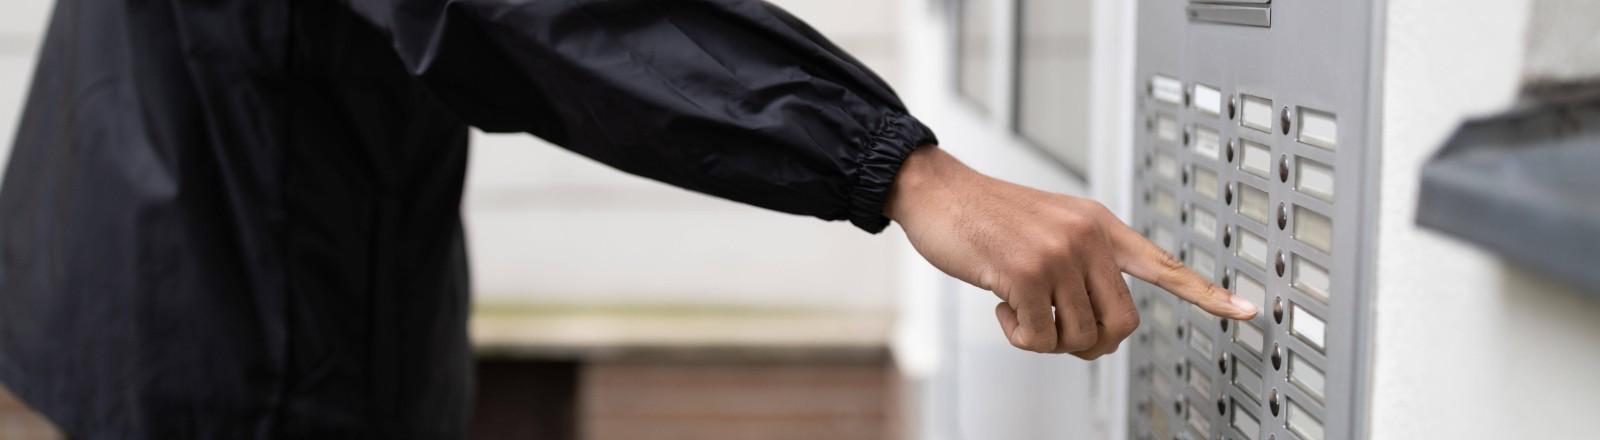 Ein Mann klingelt an einer Mehrfamilienklingel